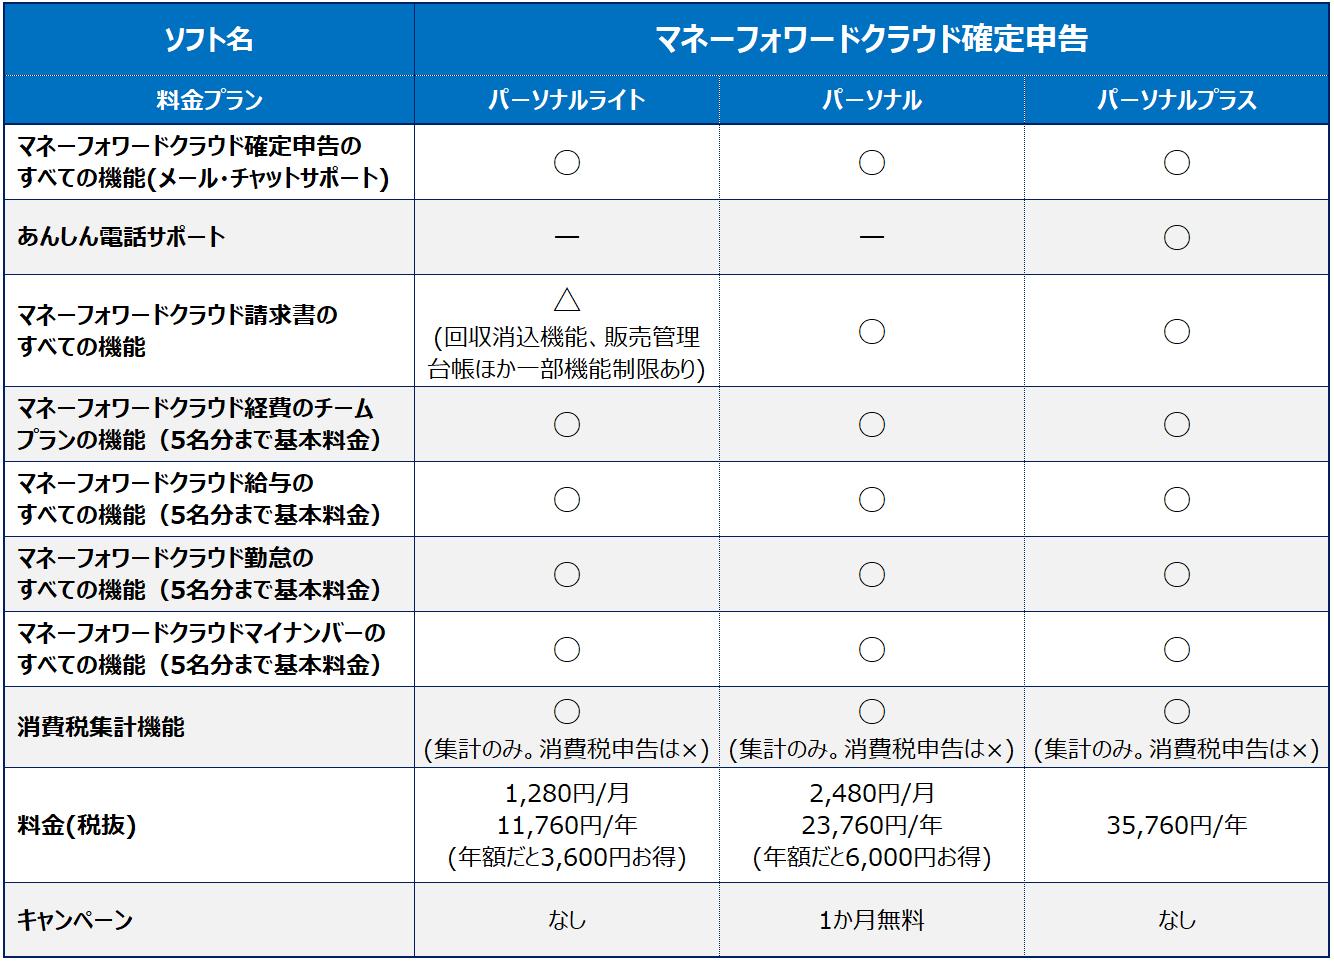 料金・機能_マネーフォワード_人気クラウド確定申告ソフトの違いは?上位3社(弥生、freee、MFクラウド)の料金・機能をまとめてみた